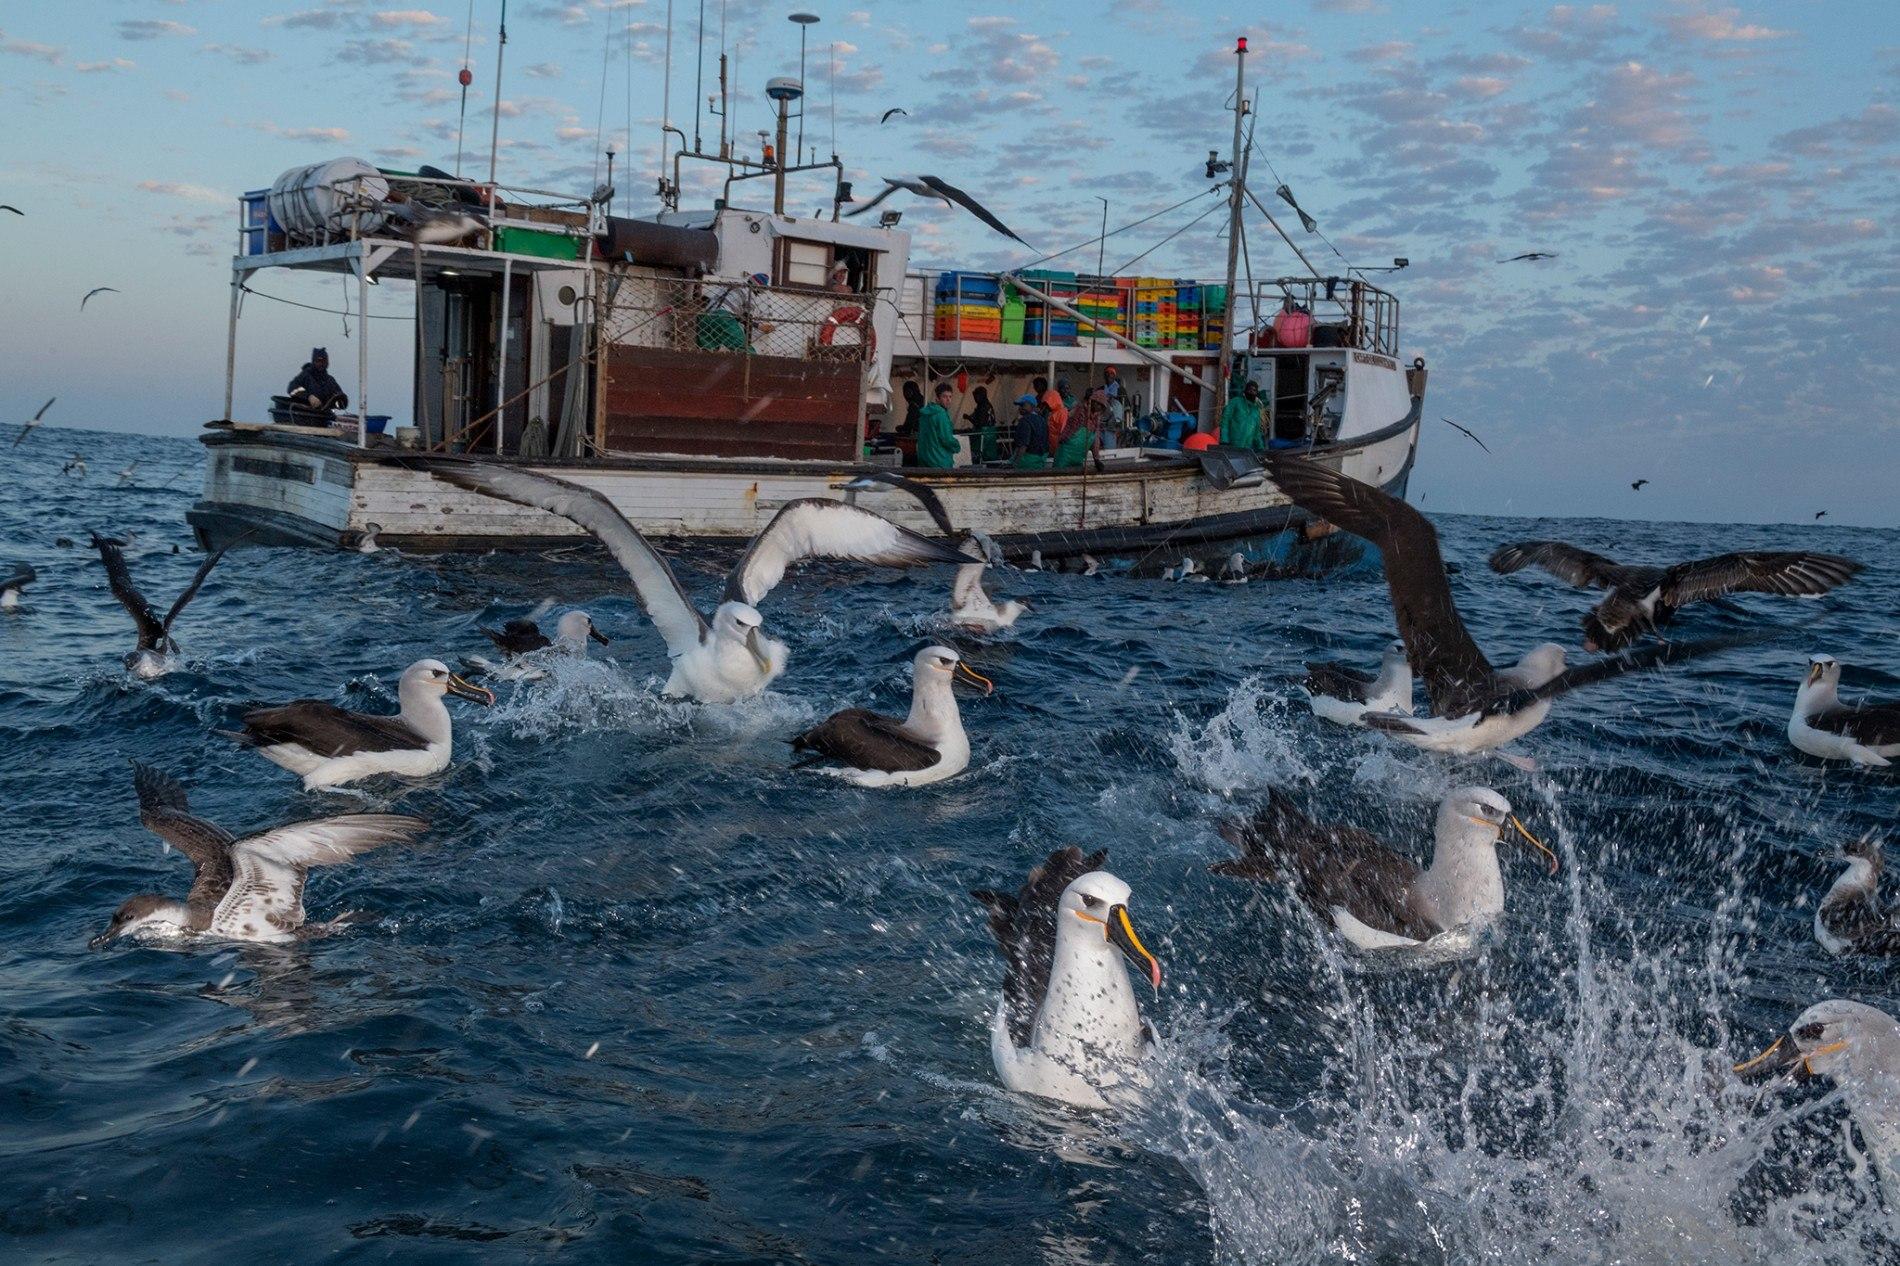 Químicos tóxicos se acumulan en las aves marinas que comen plástico